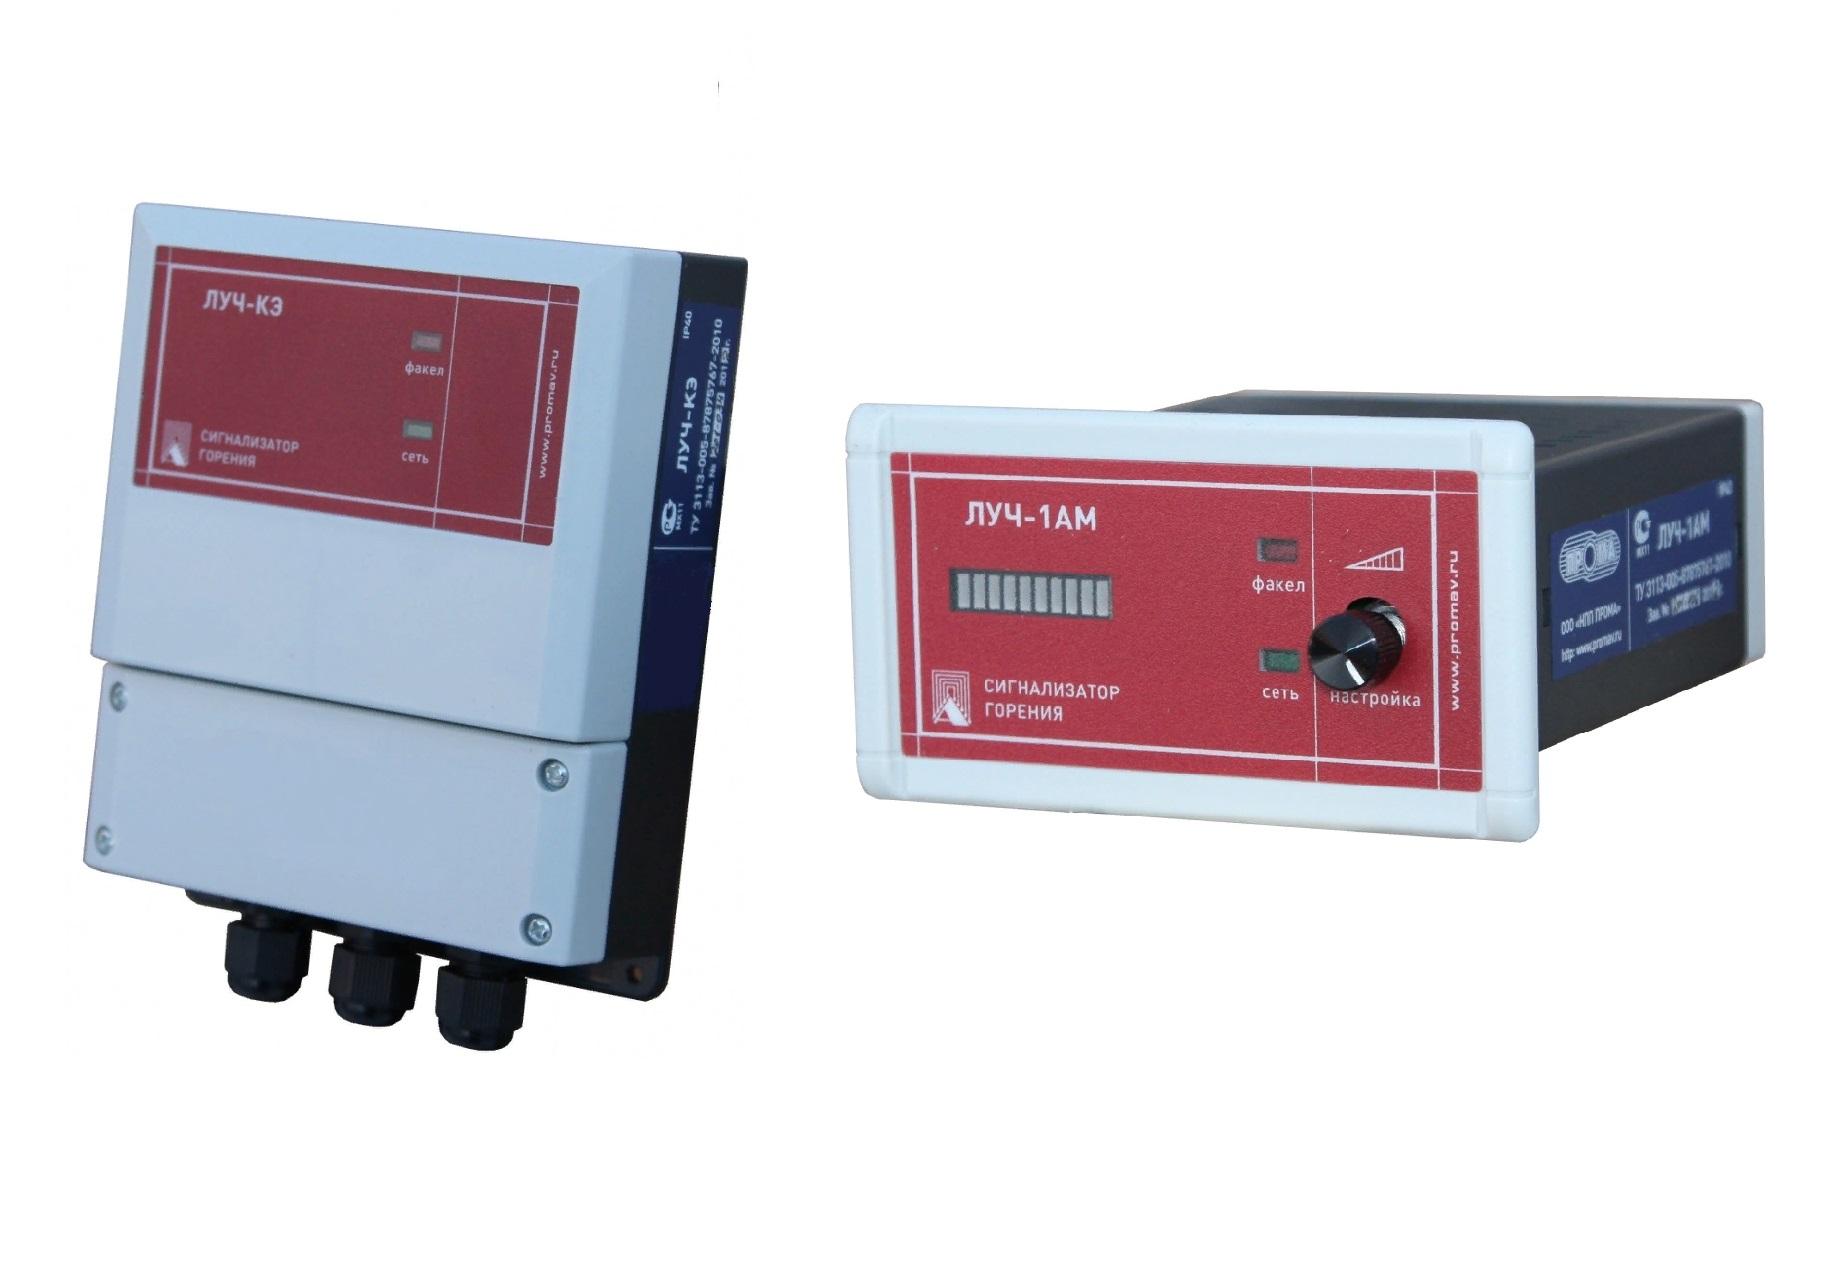 ЛУЧ-1АМ, ЛУЧ-КЭ сигнализаторы горения